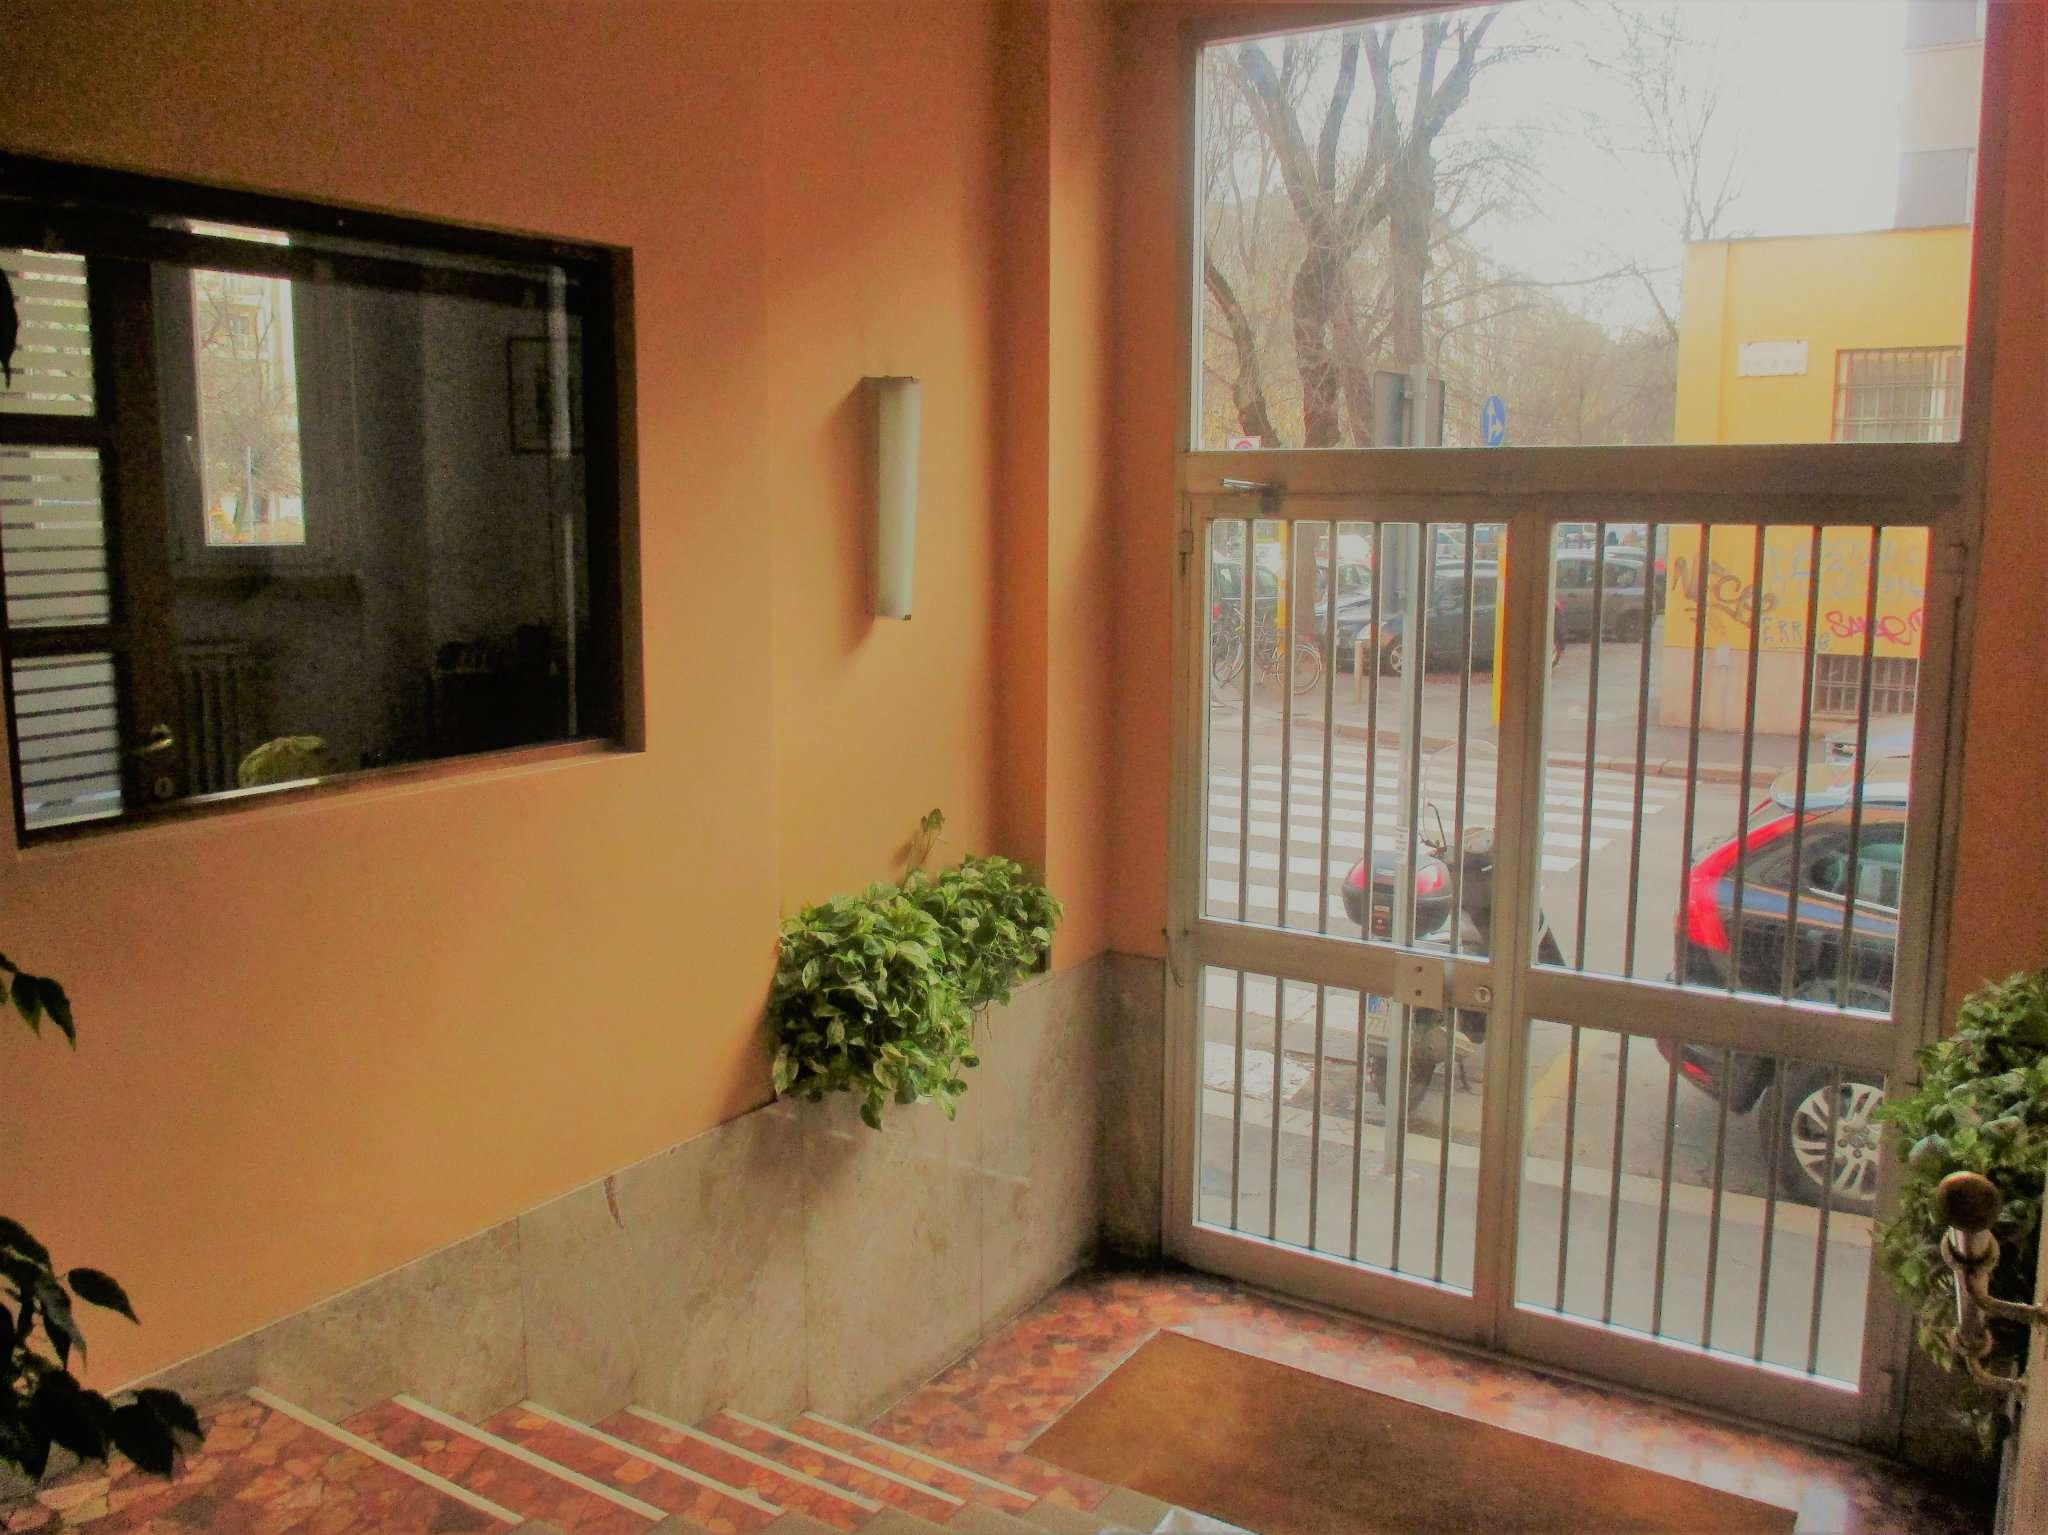 Laboratorio in Affitto a Milano 16 Savona / San Cristoforo / Napoli / Coni Zugna: 1 locali, 20 mq